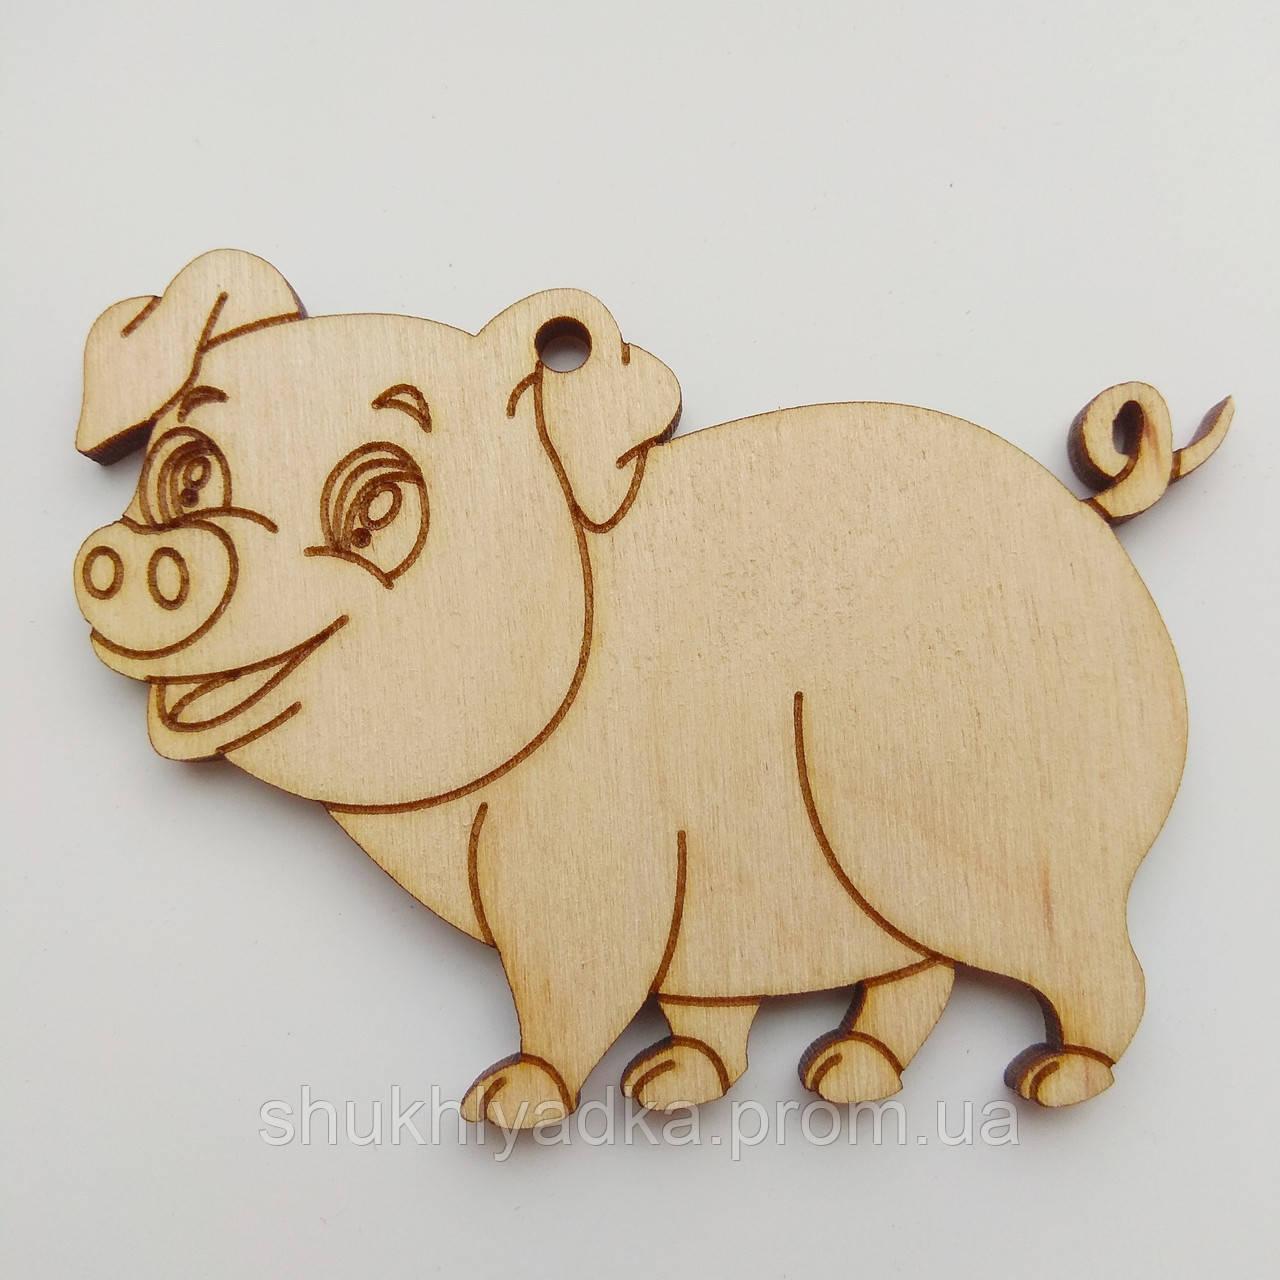 Свинка_четыре лапки_деревянная заготовка_Новый год